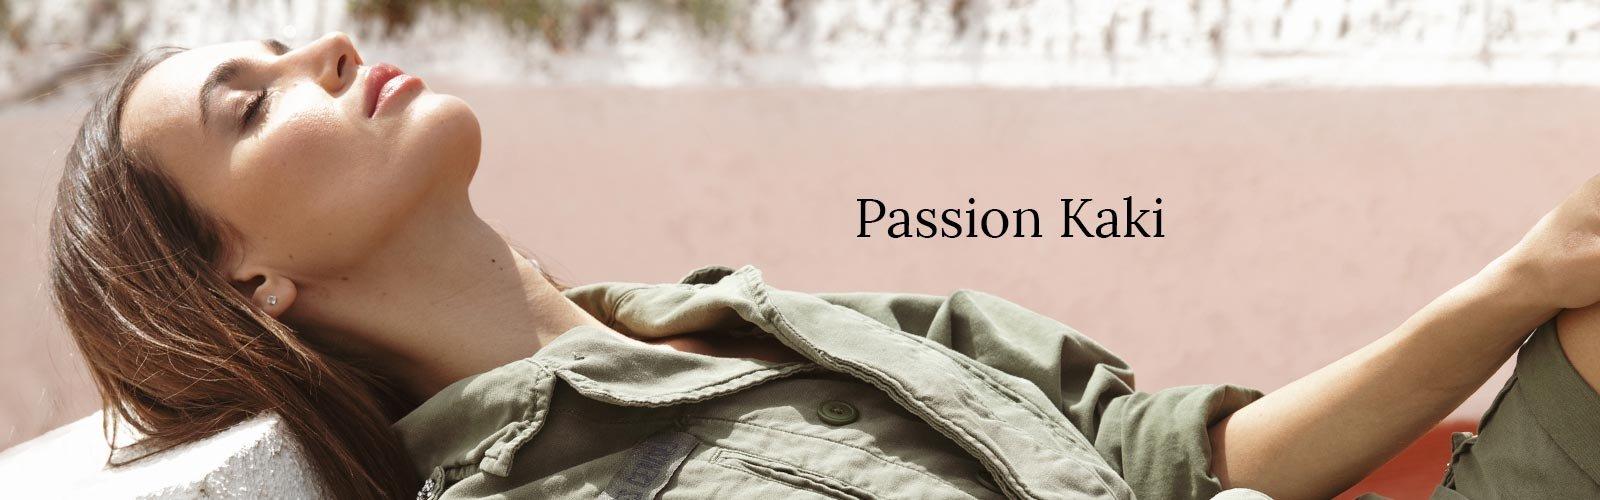 Passion Kaki